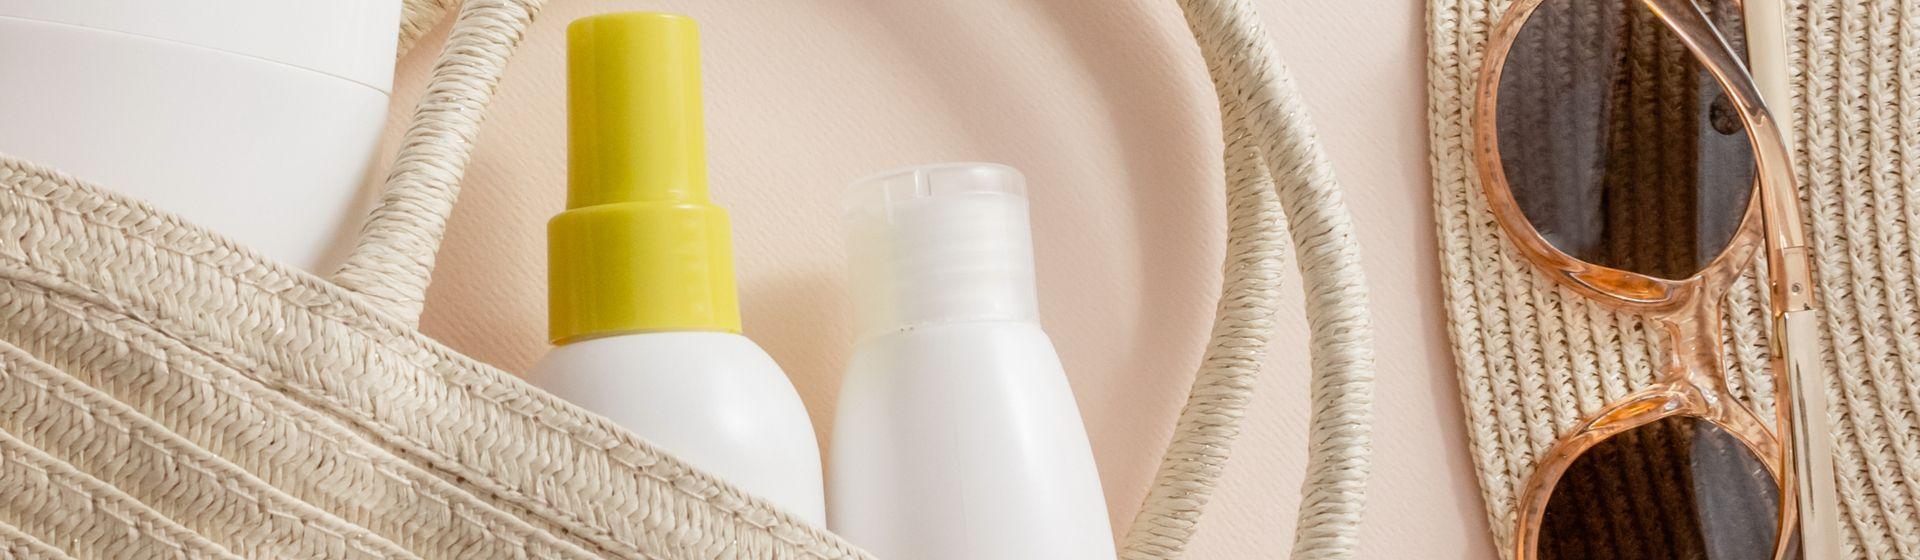 10 produtos que você precisa ter na sua nécessaire de verão, de acordo com a nossa editora de beleza